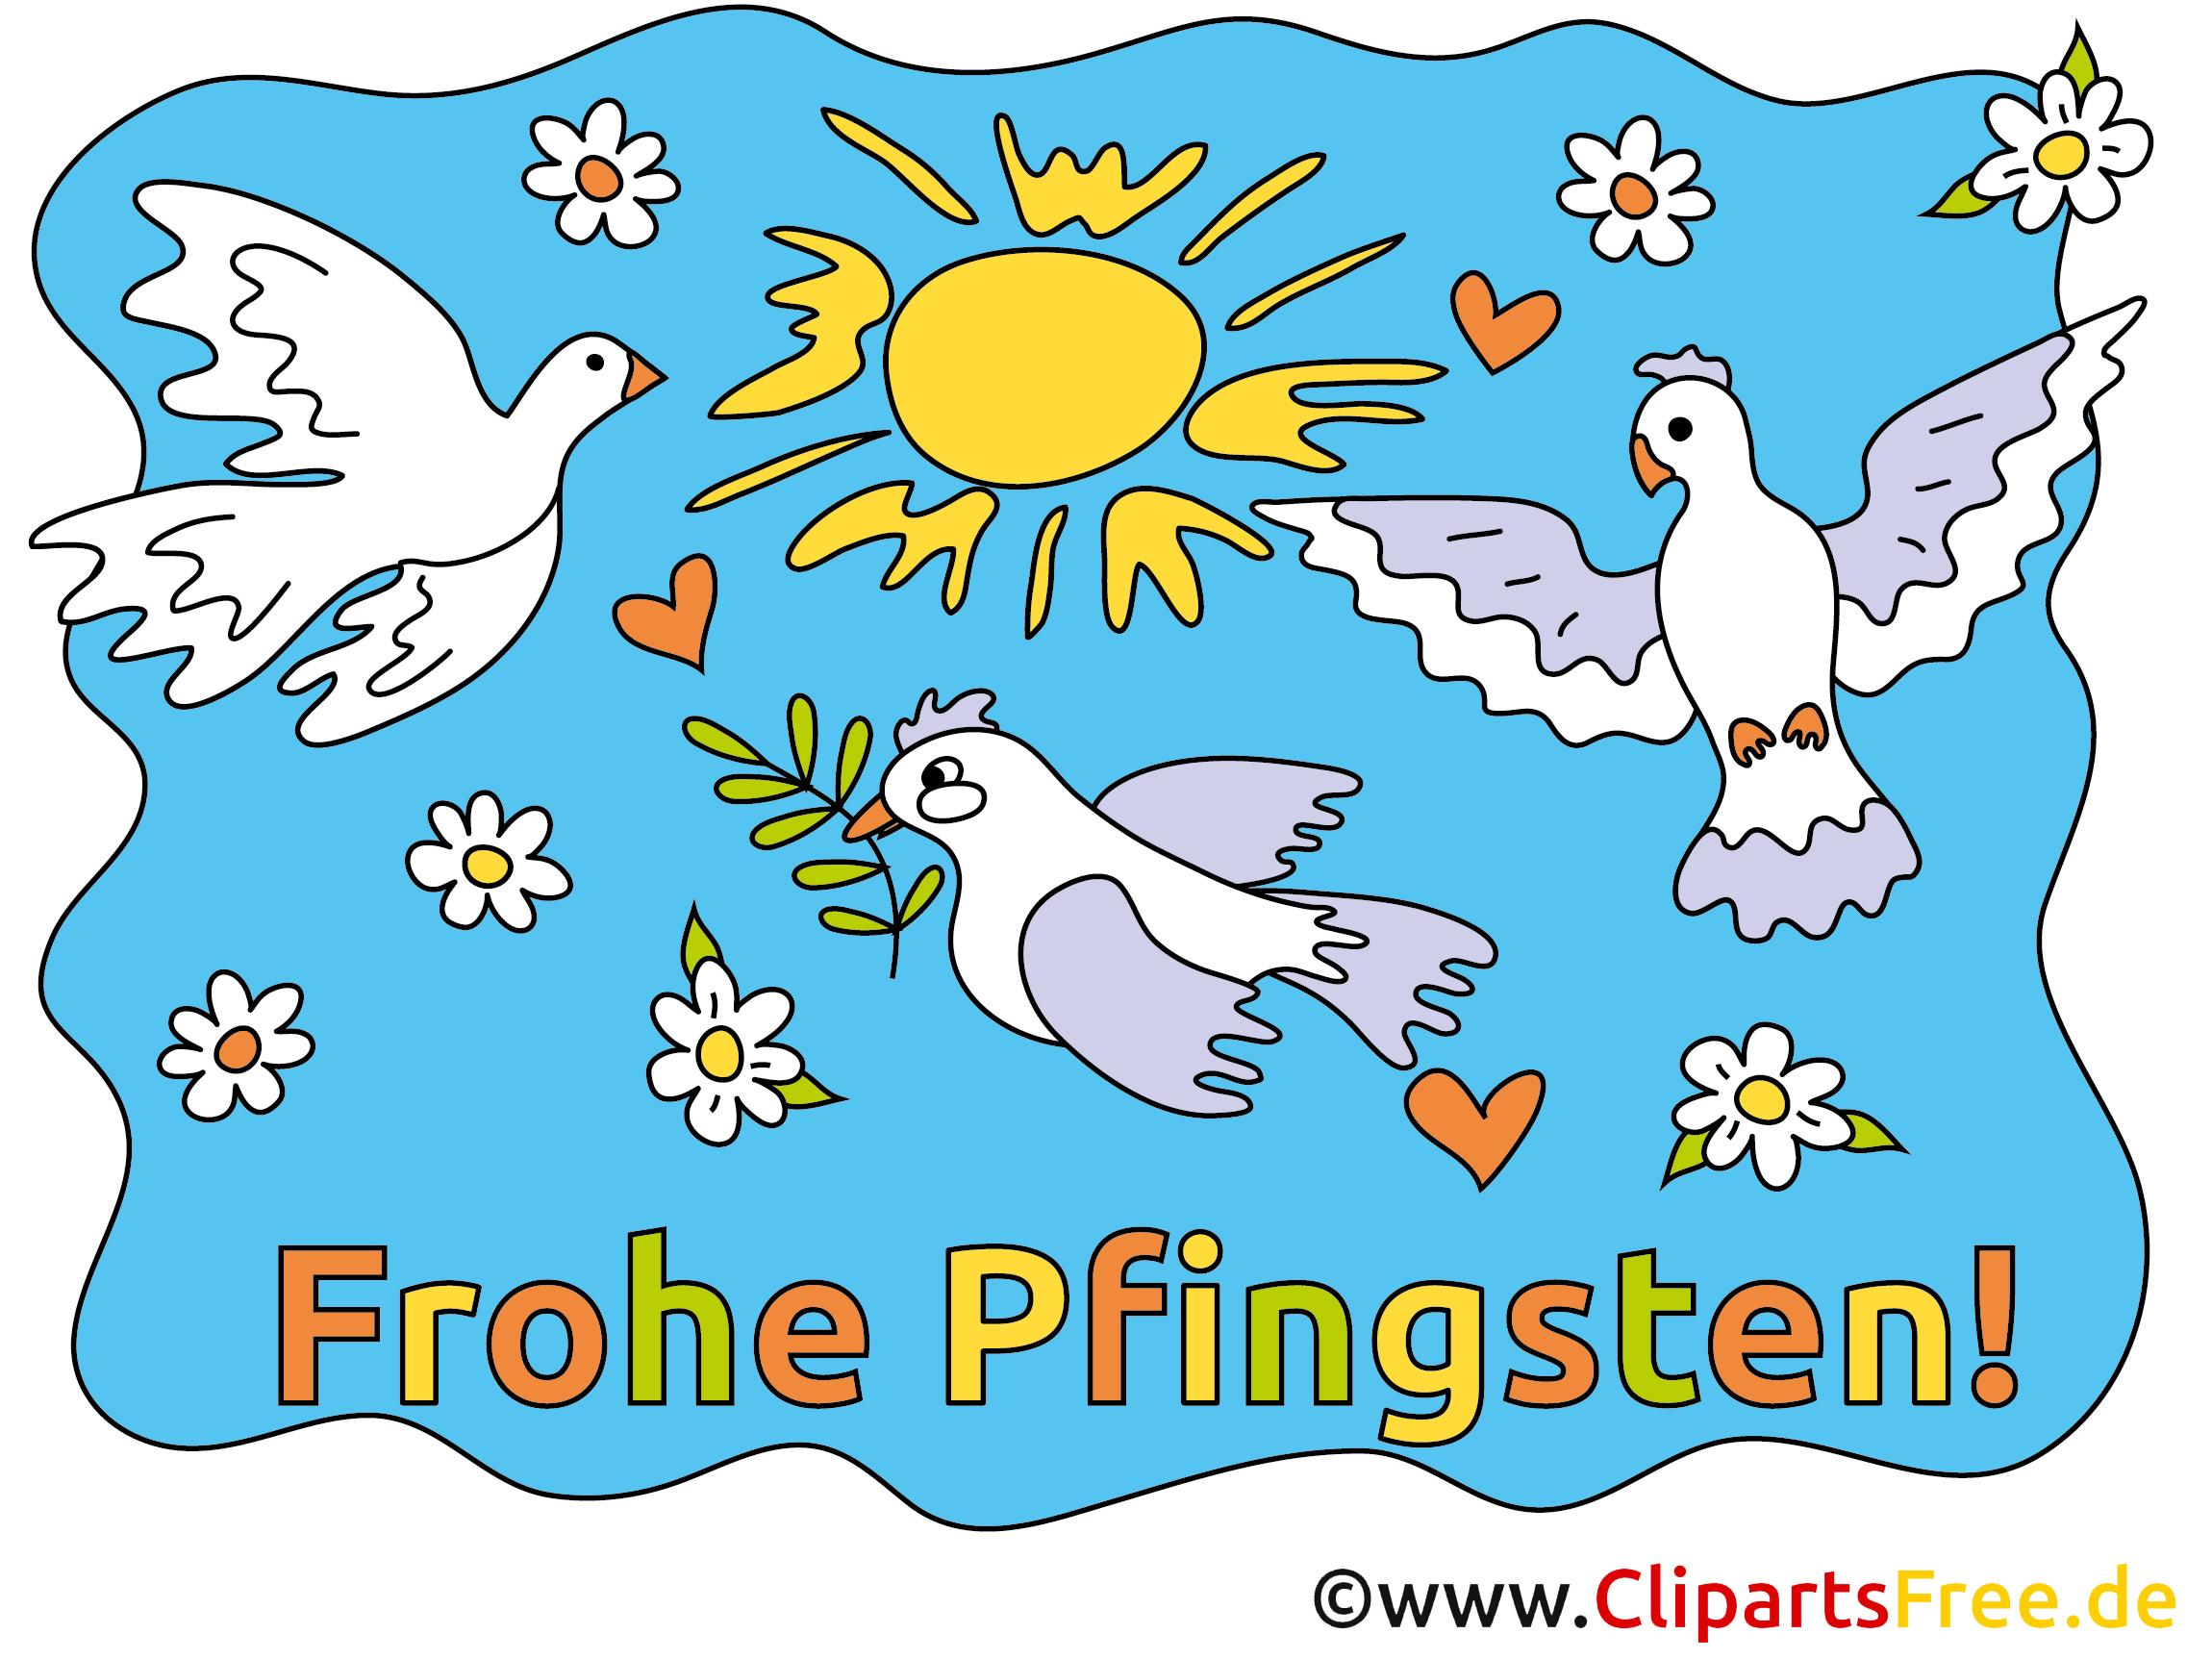 Tauben Bilder zu Pfinsten